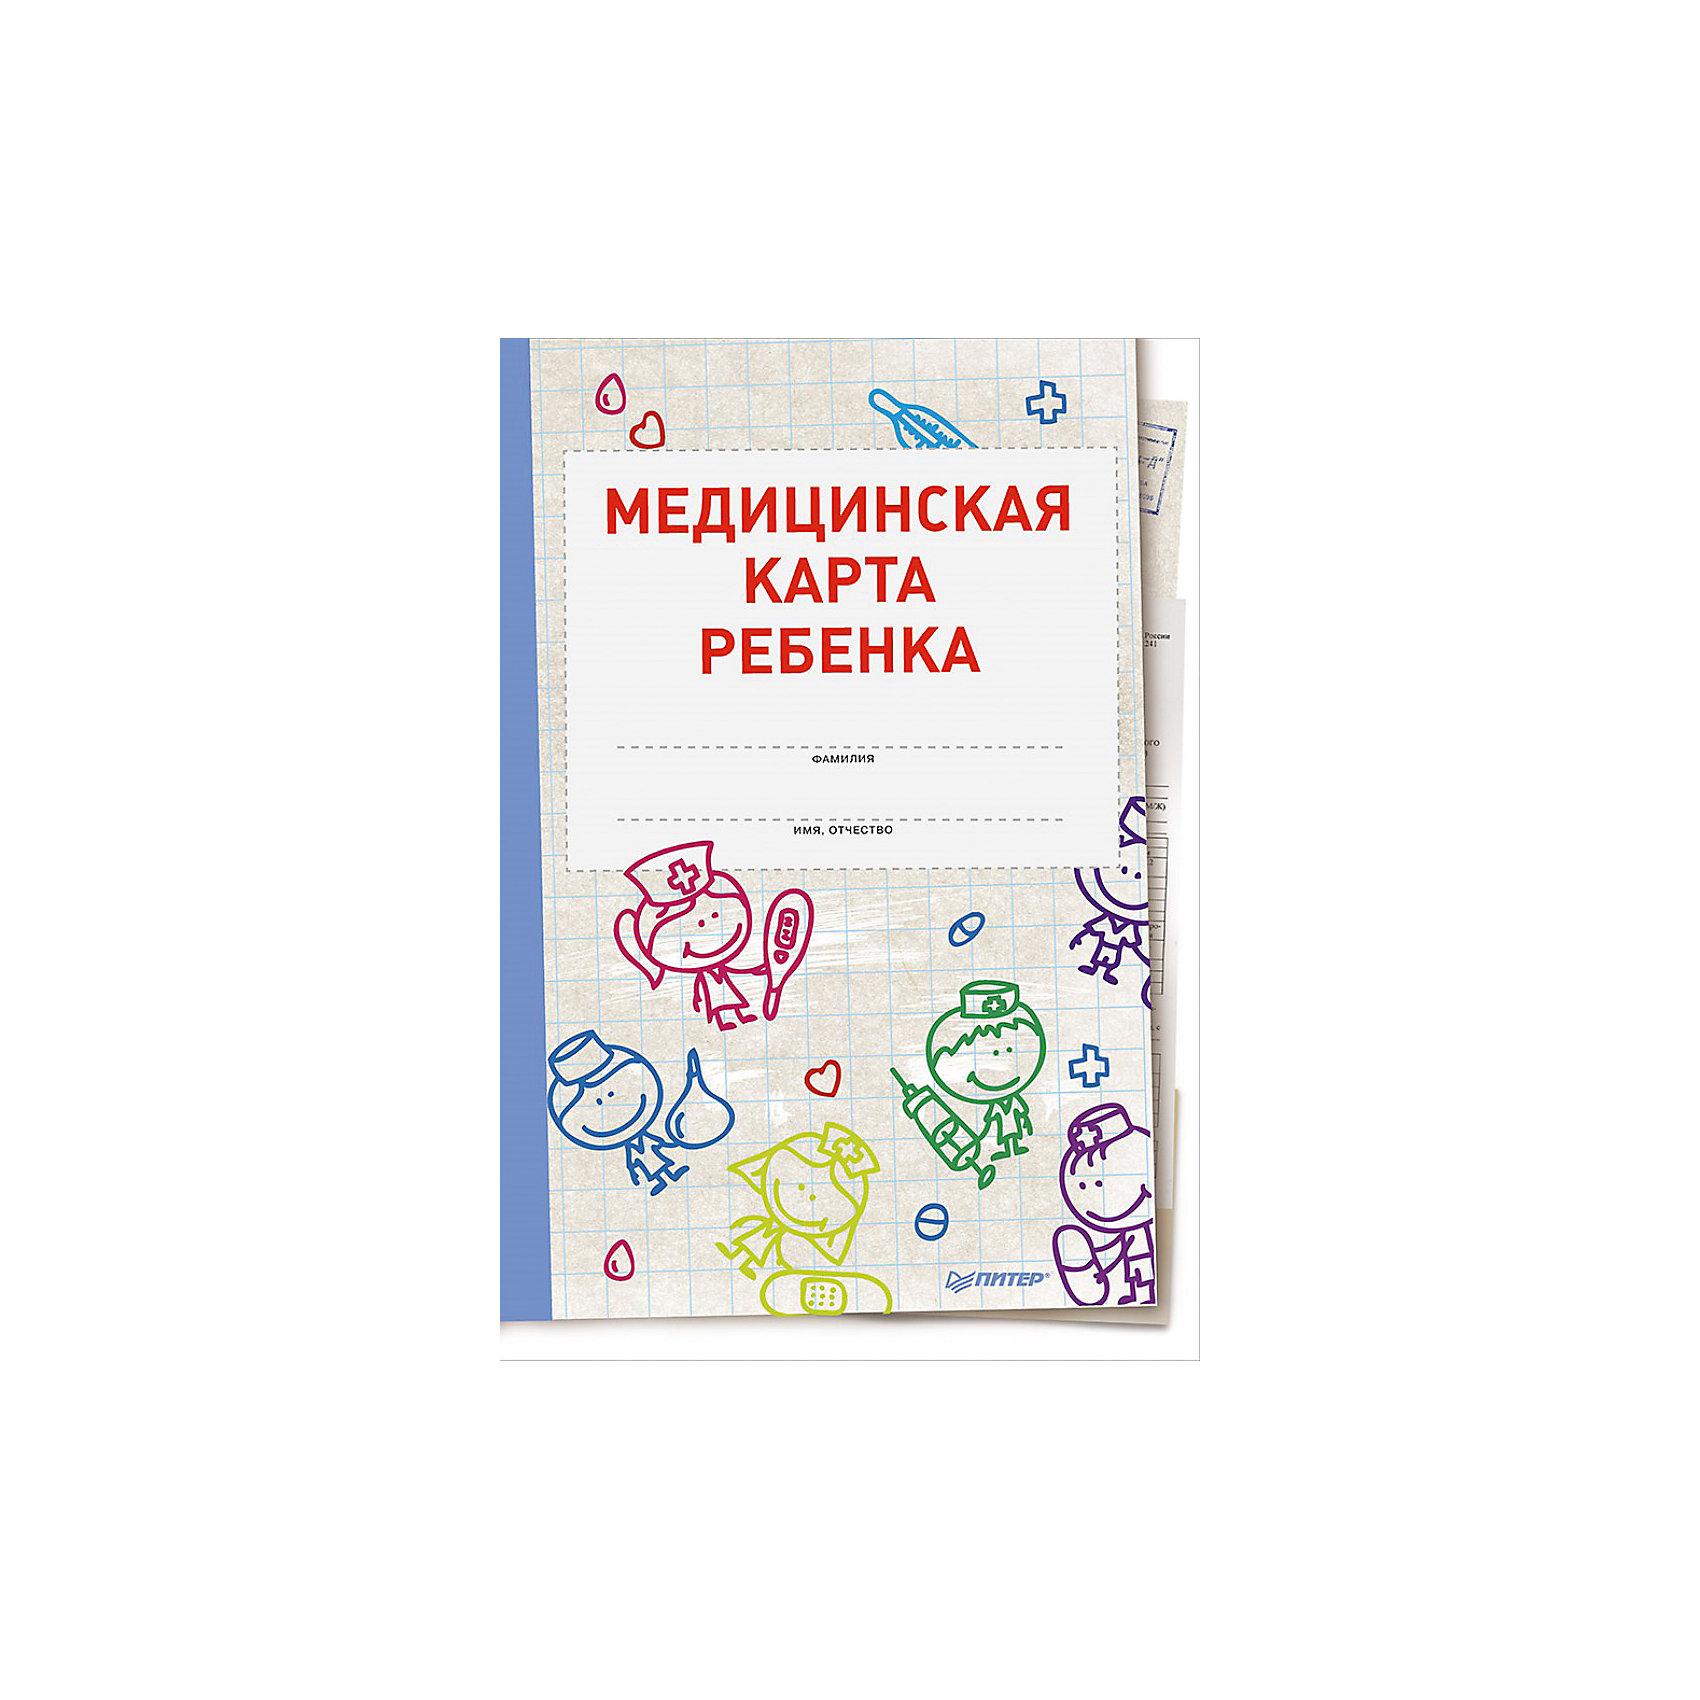 Книга Медицинская карта ребенка (ПИТЕР)